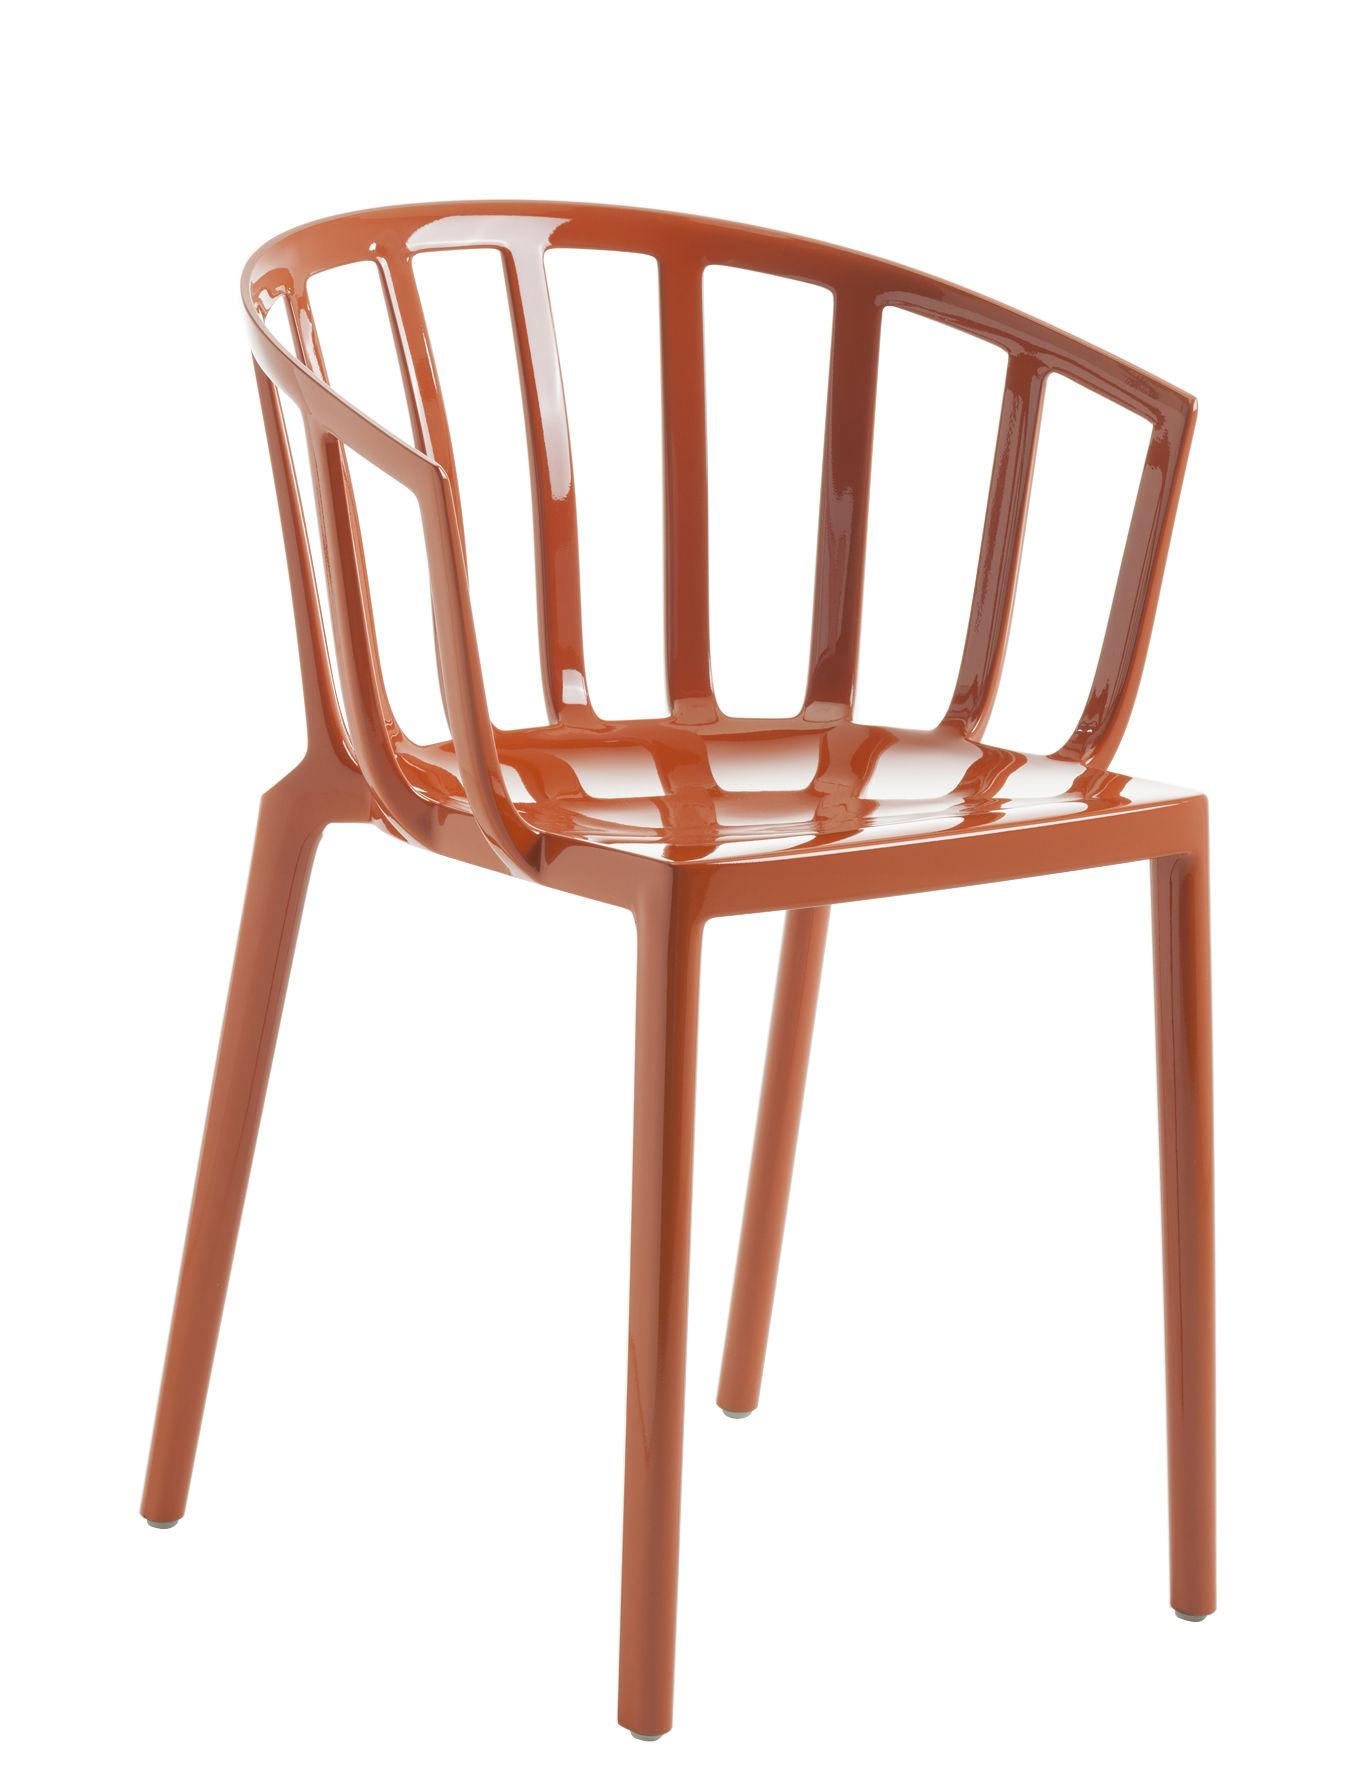 Mobilier - Chaises, fauteuils de salle à manger - Fauteuil empilable Generic AC Venice / Polycarbonate - Kartell - Rouge orangé - Polycarbonate